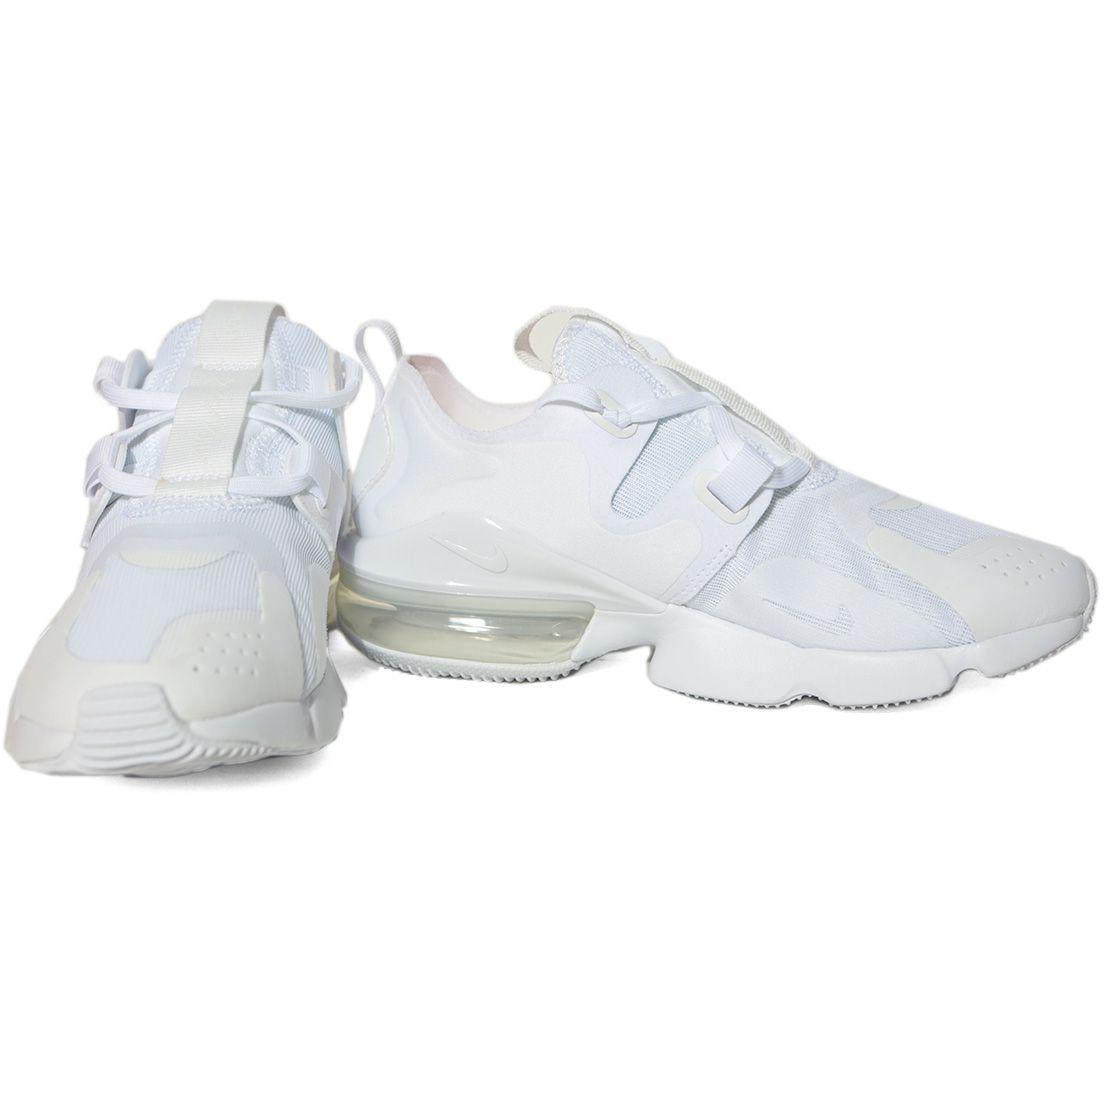 Tênis Nike Air Max Infinity BQ4284